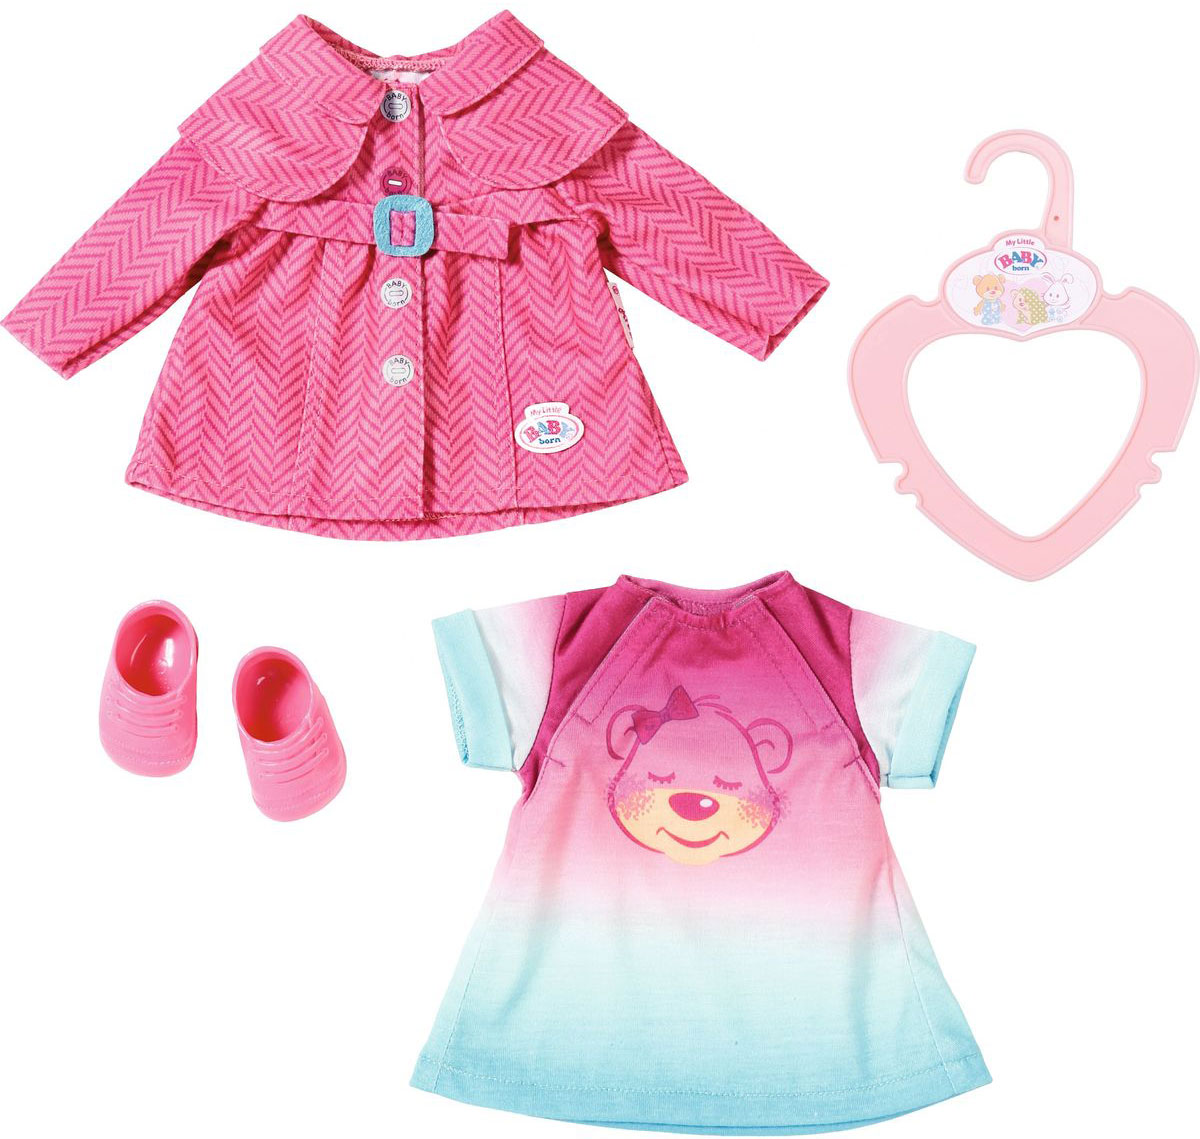 Baby Born Прогулочный комплект одежды для куклы франсуаза фридман книги